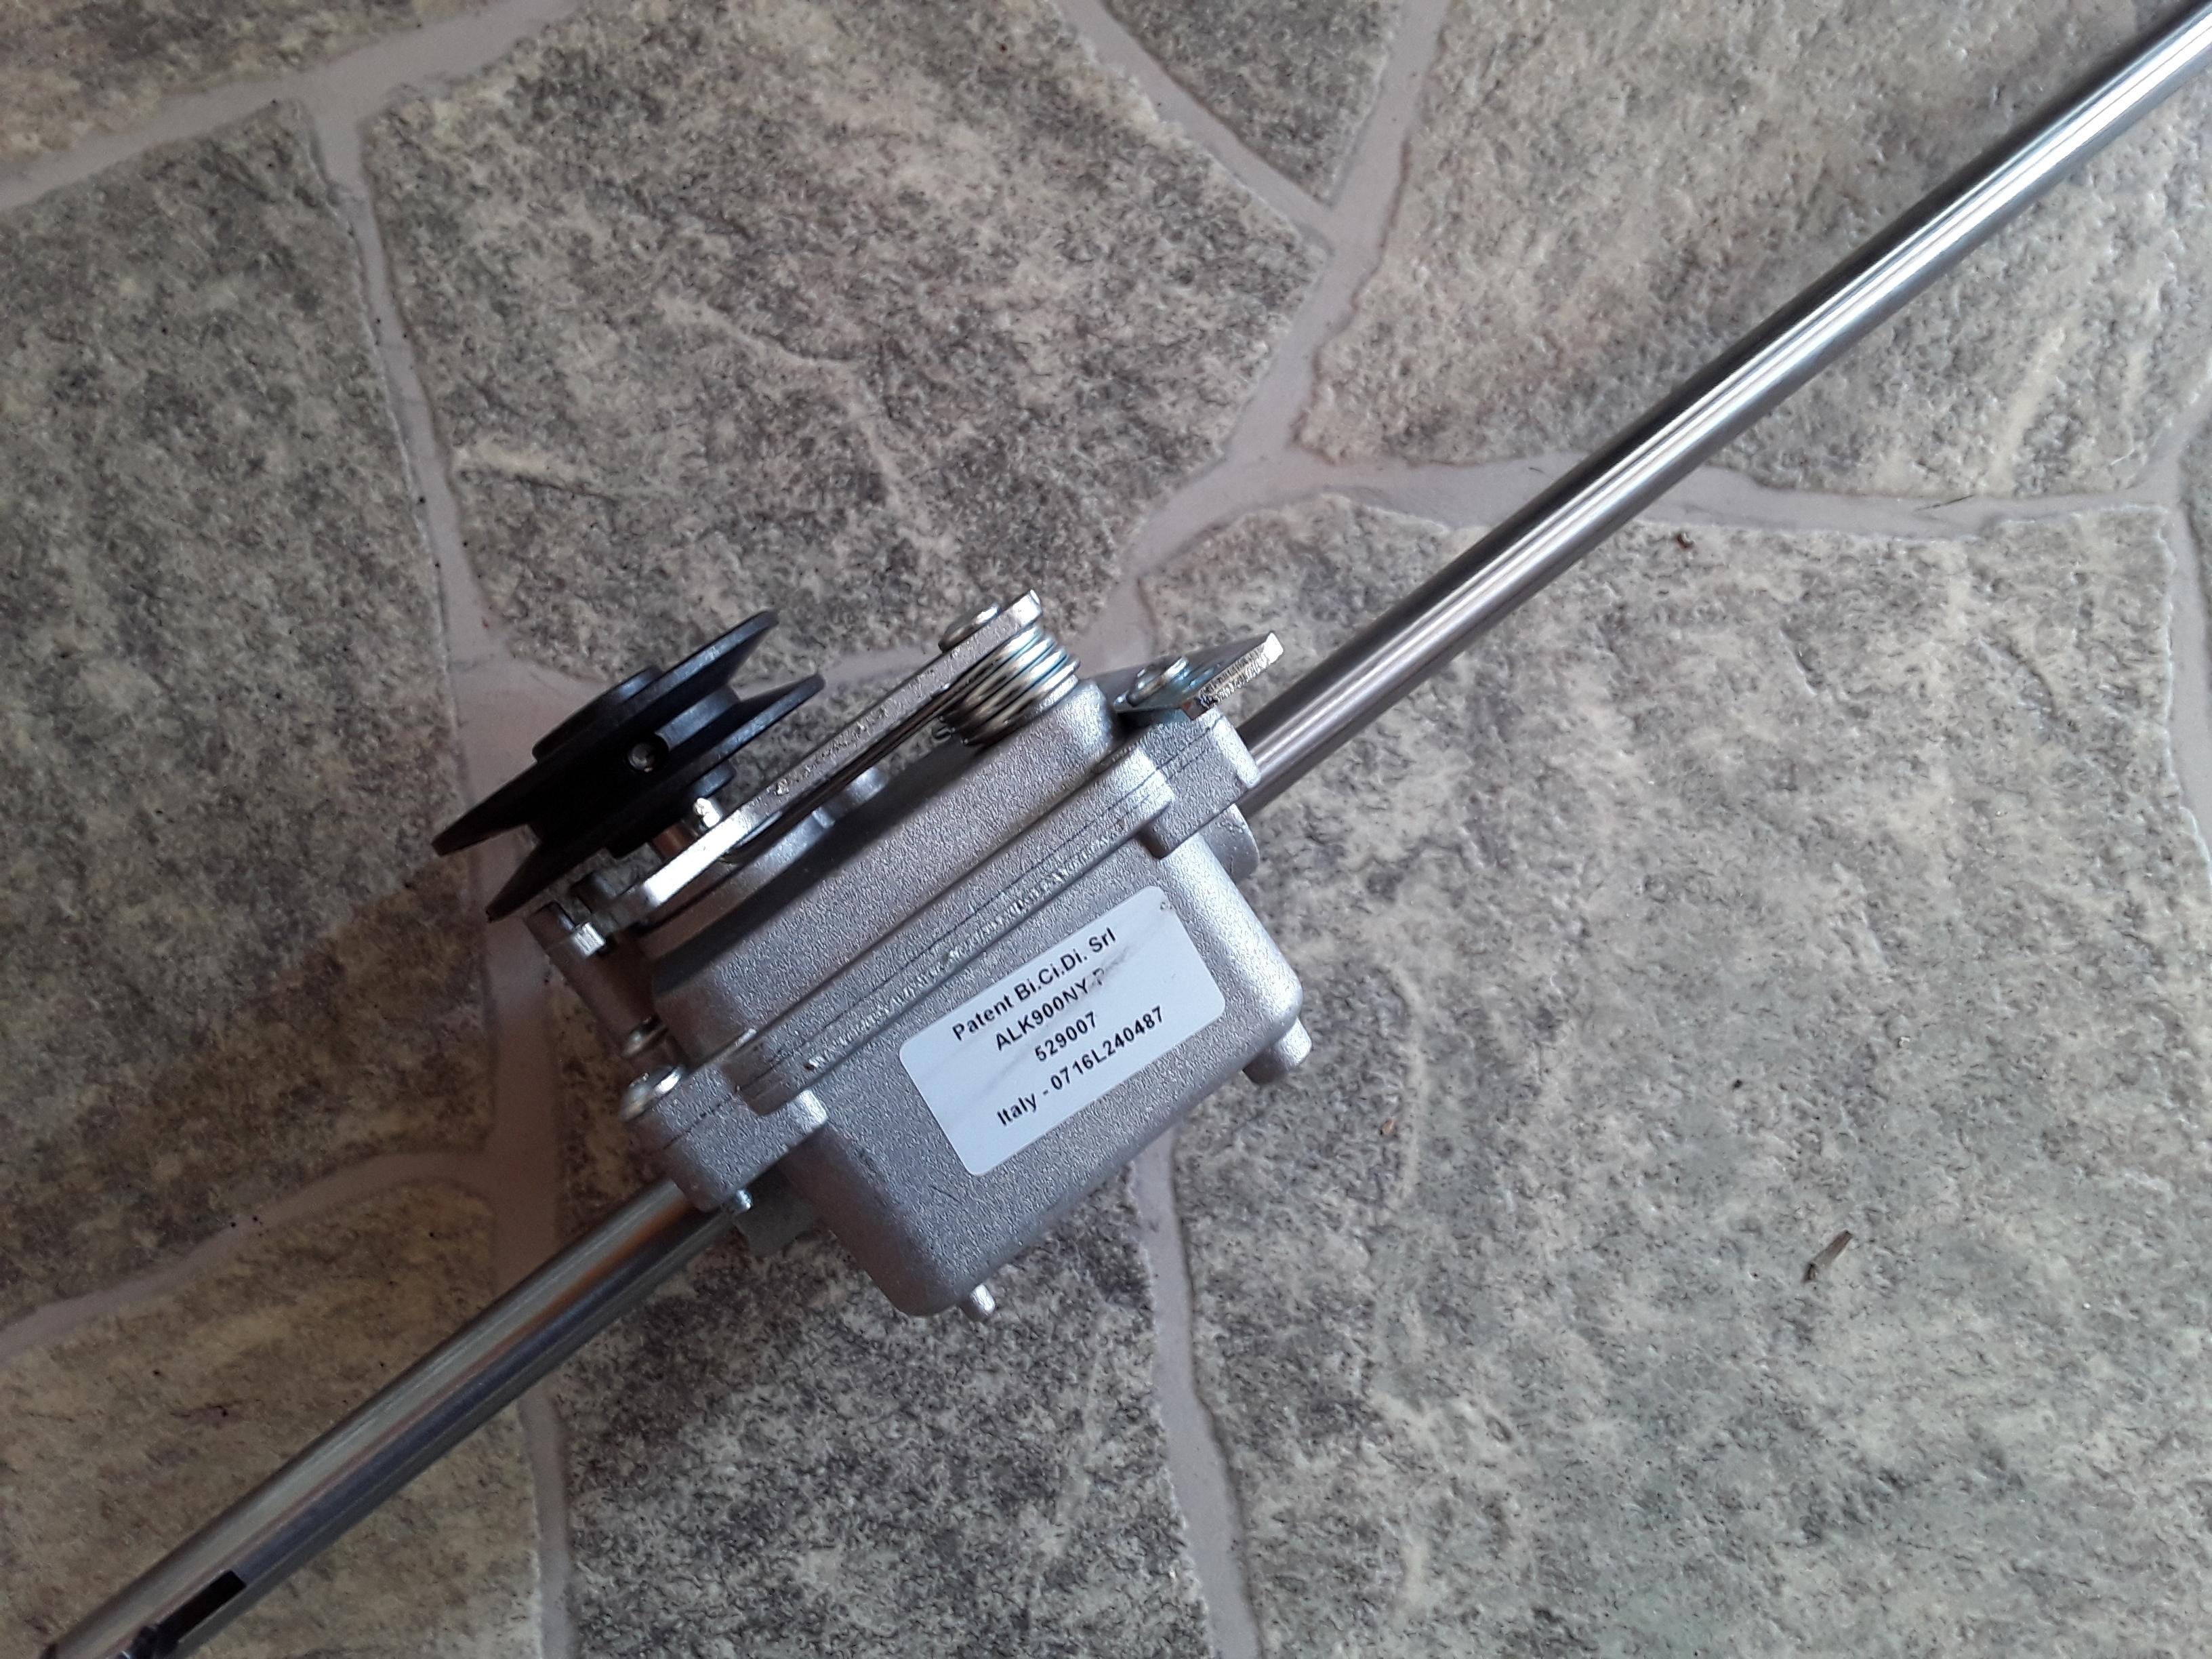 Reservedele - Plæneklipper/Traktor » Ginge » Ginge Gearkasse » Gearkasse t/ Favorit 461 / 46 BRA